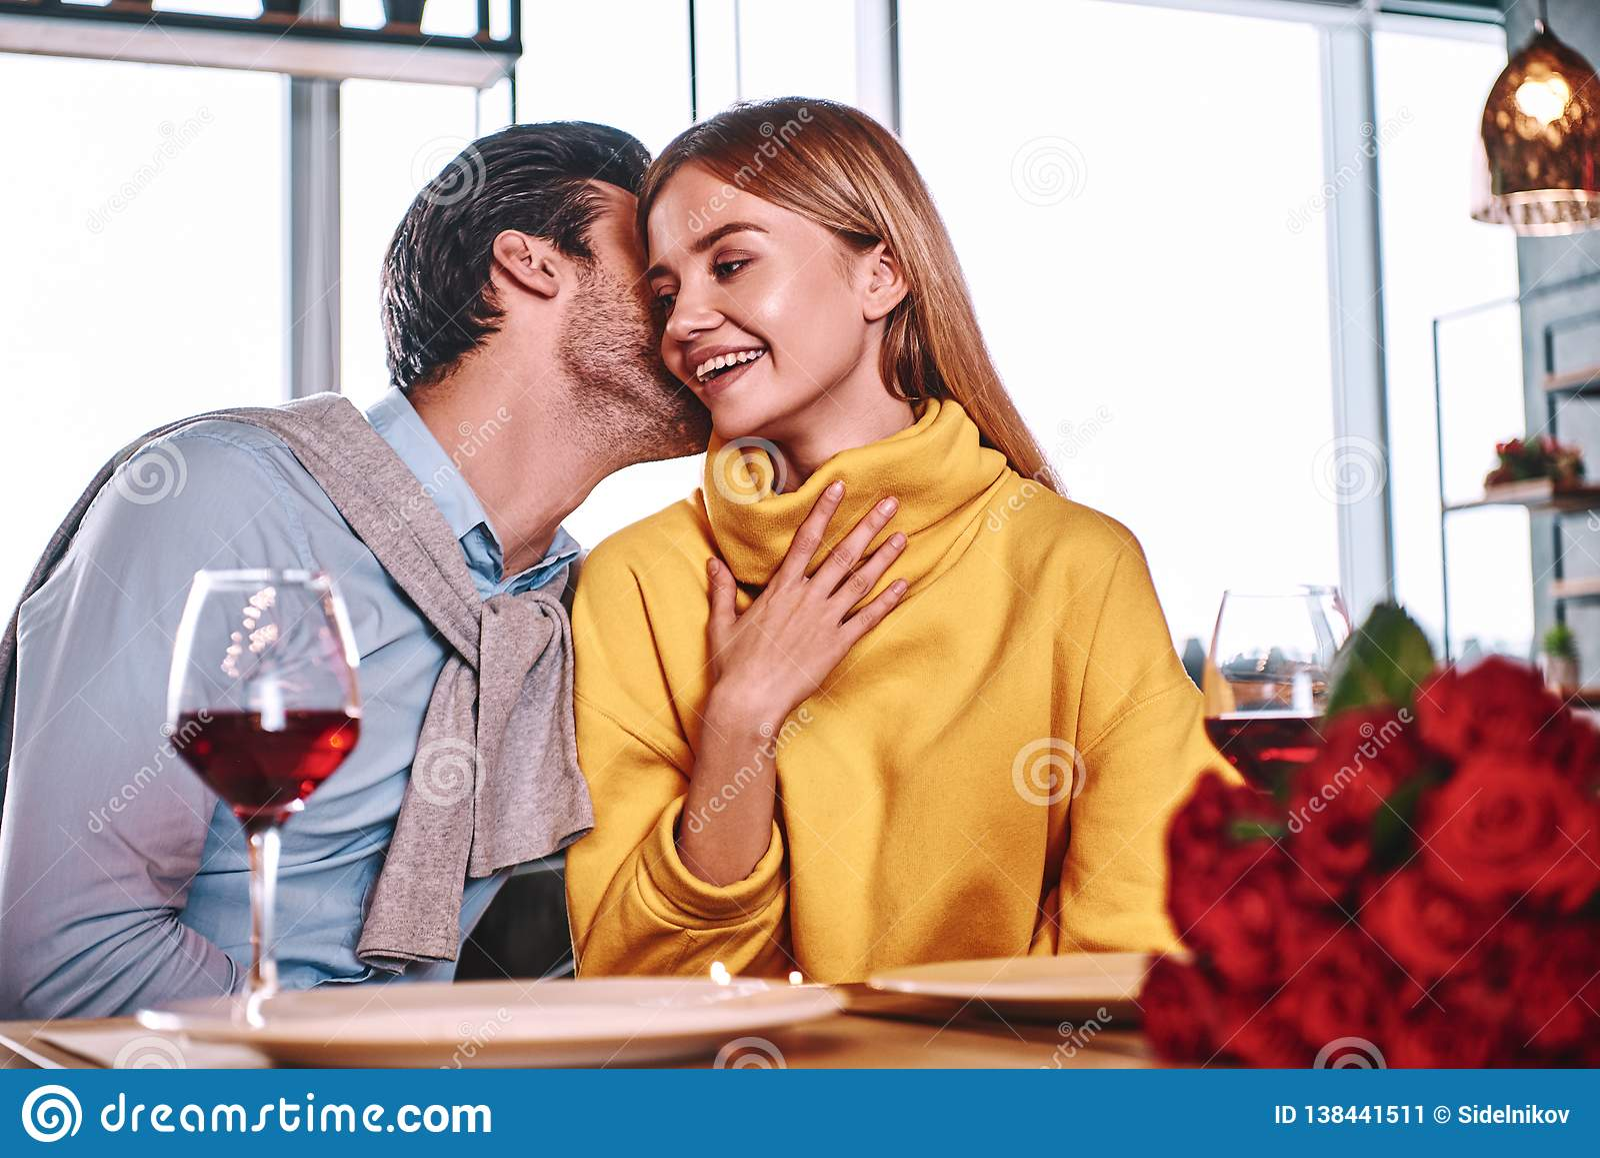 Amantes al principio de la historia de amor - susurros hermosos del hombre en oído bonito de la mujer